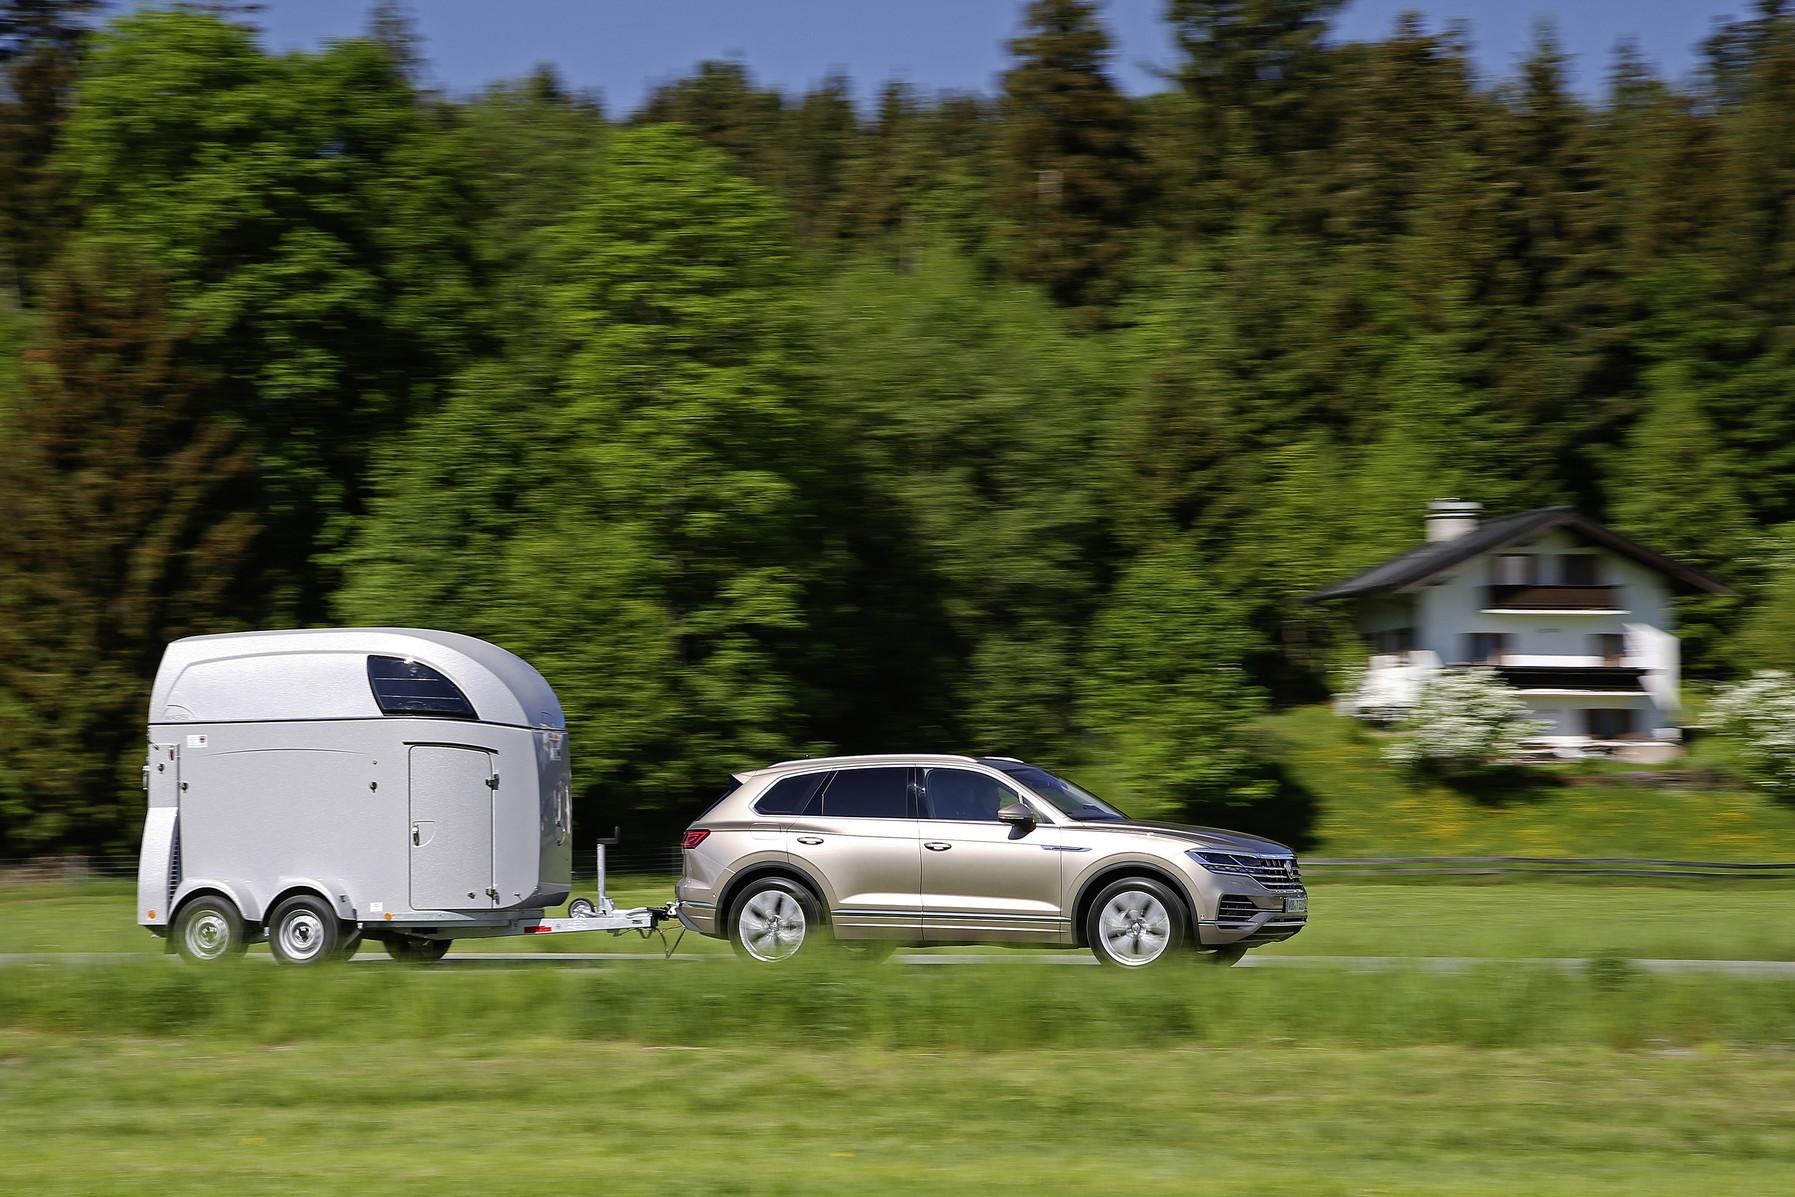 Trailer Assist von Volkswagen der Anhängerrangierassistent Bildquelle: Volkswagen AG